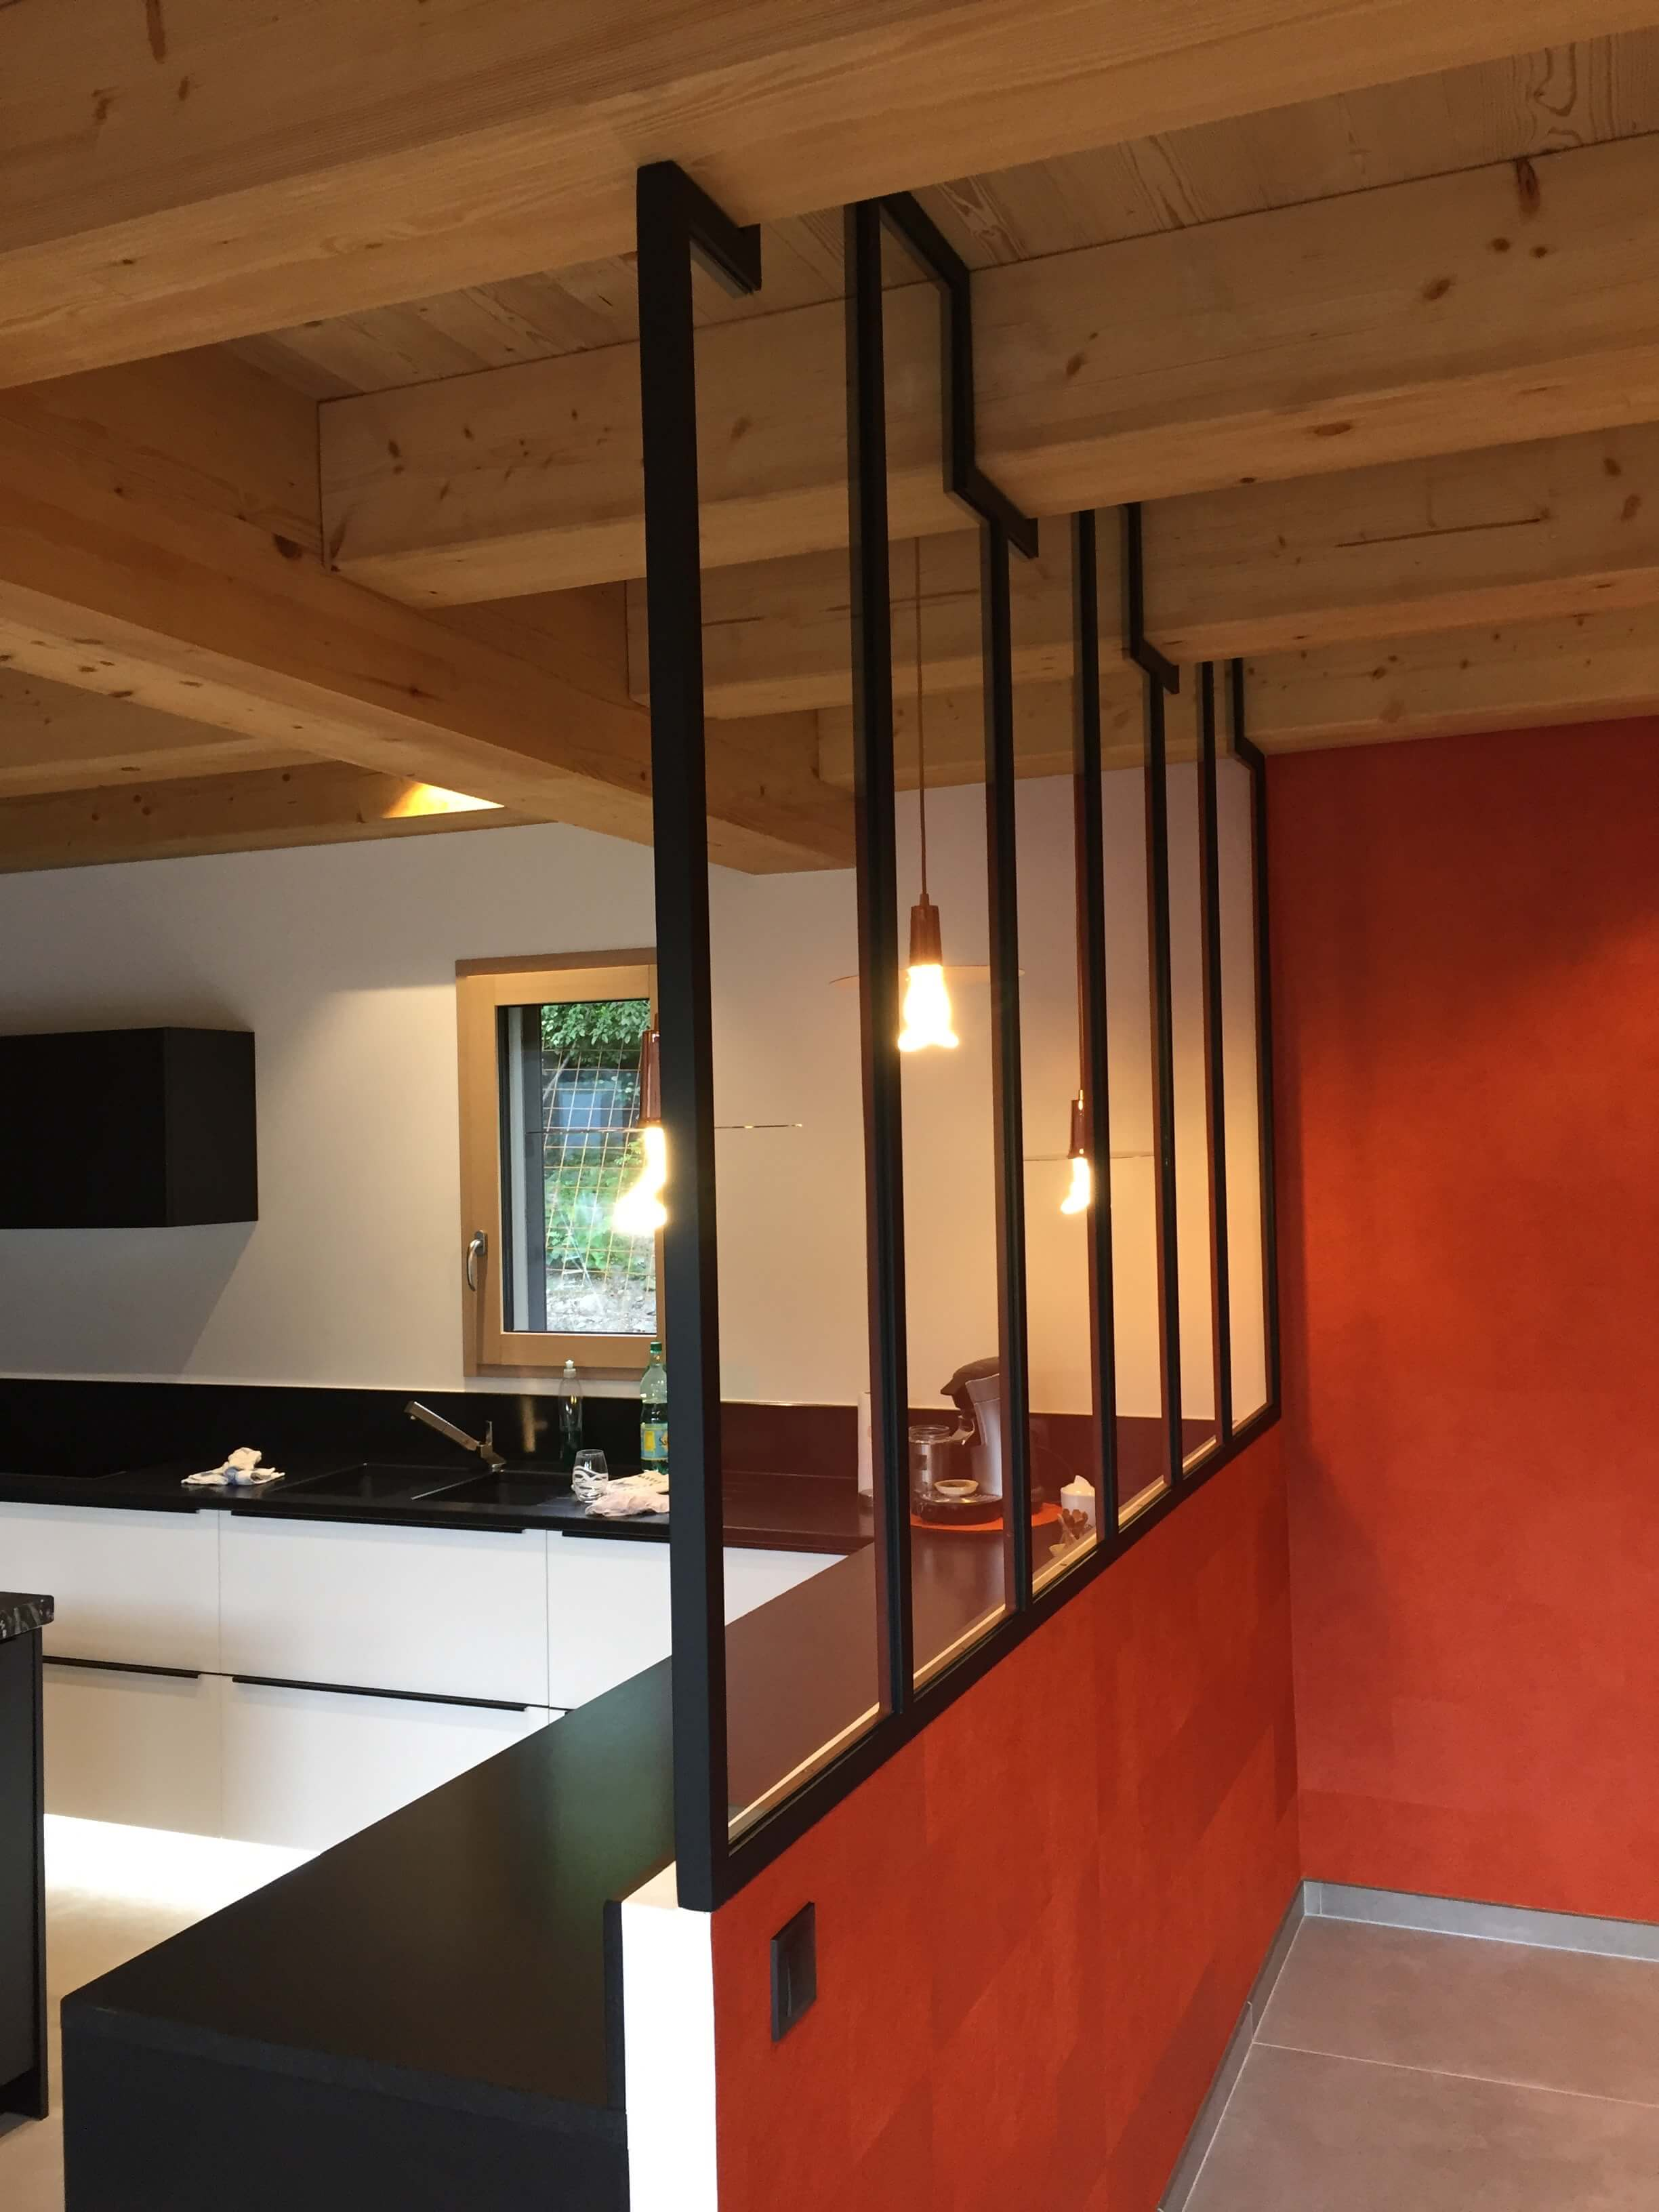 Robi design Métallique Annecy agencement intérieur verrière claustra Tarentaise 7327